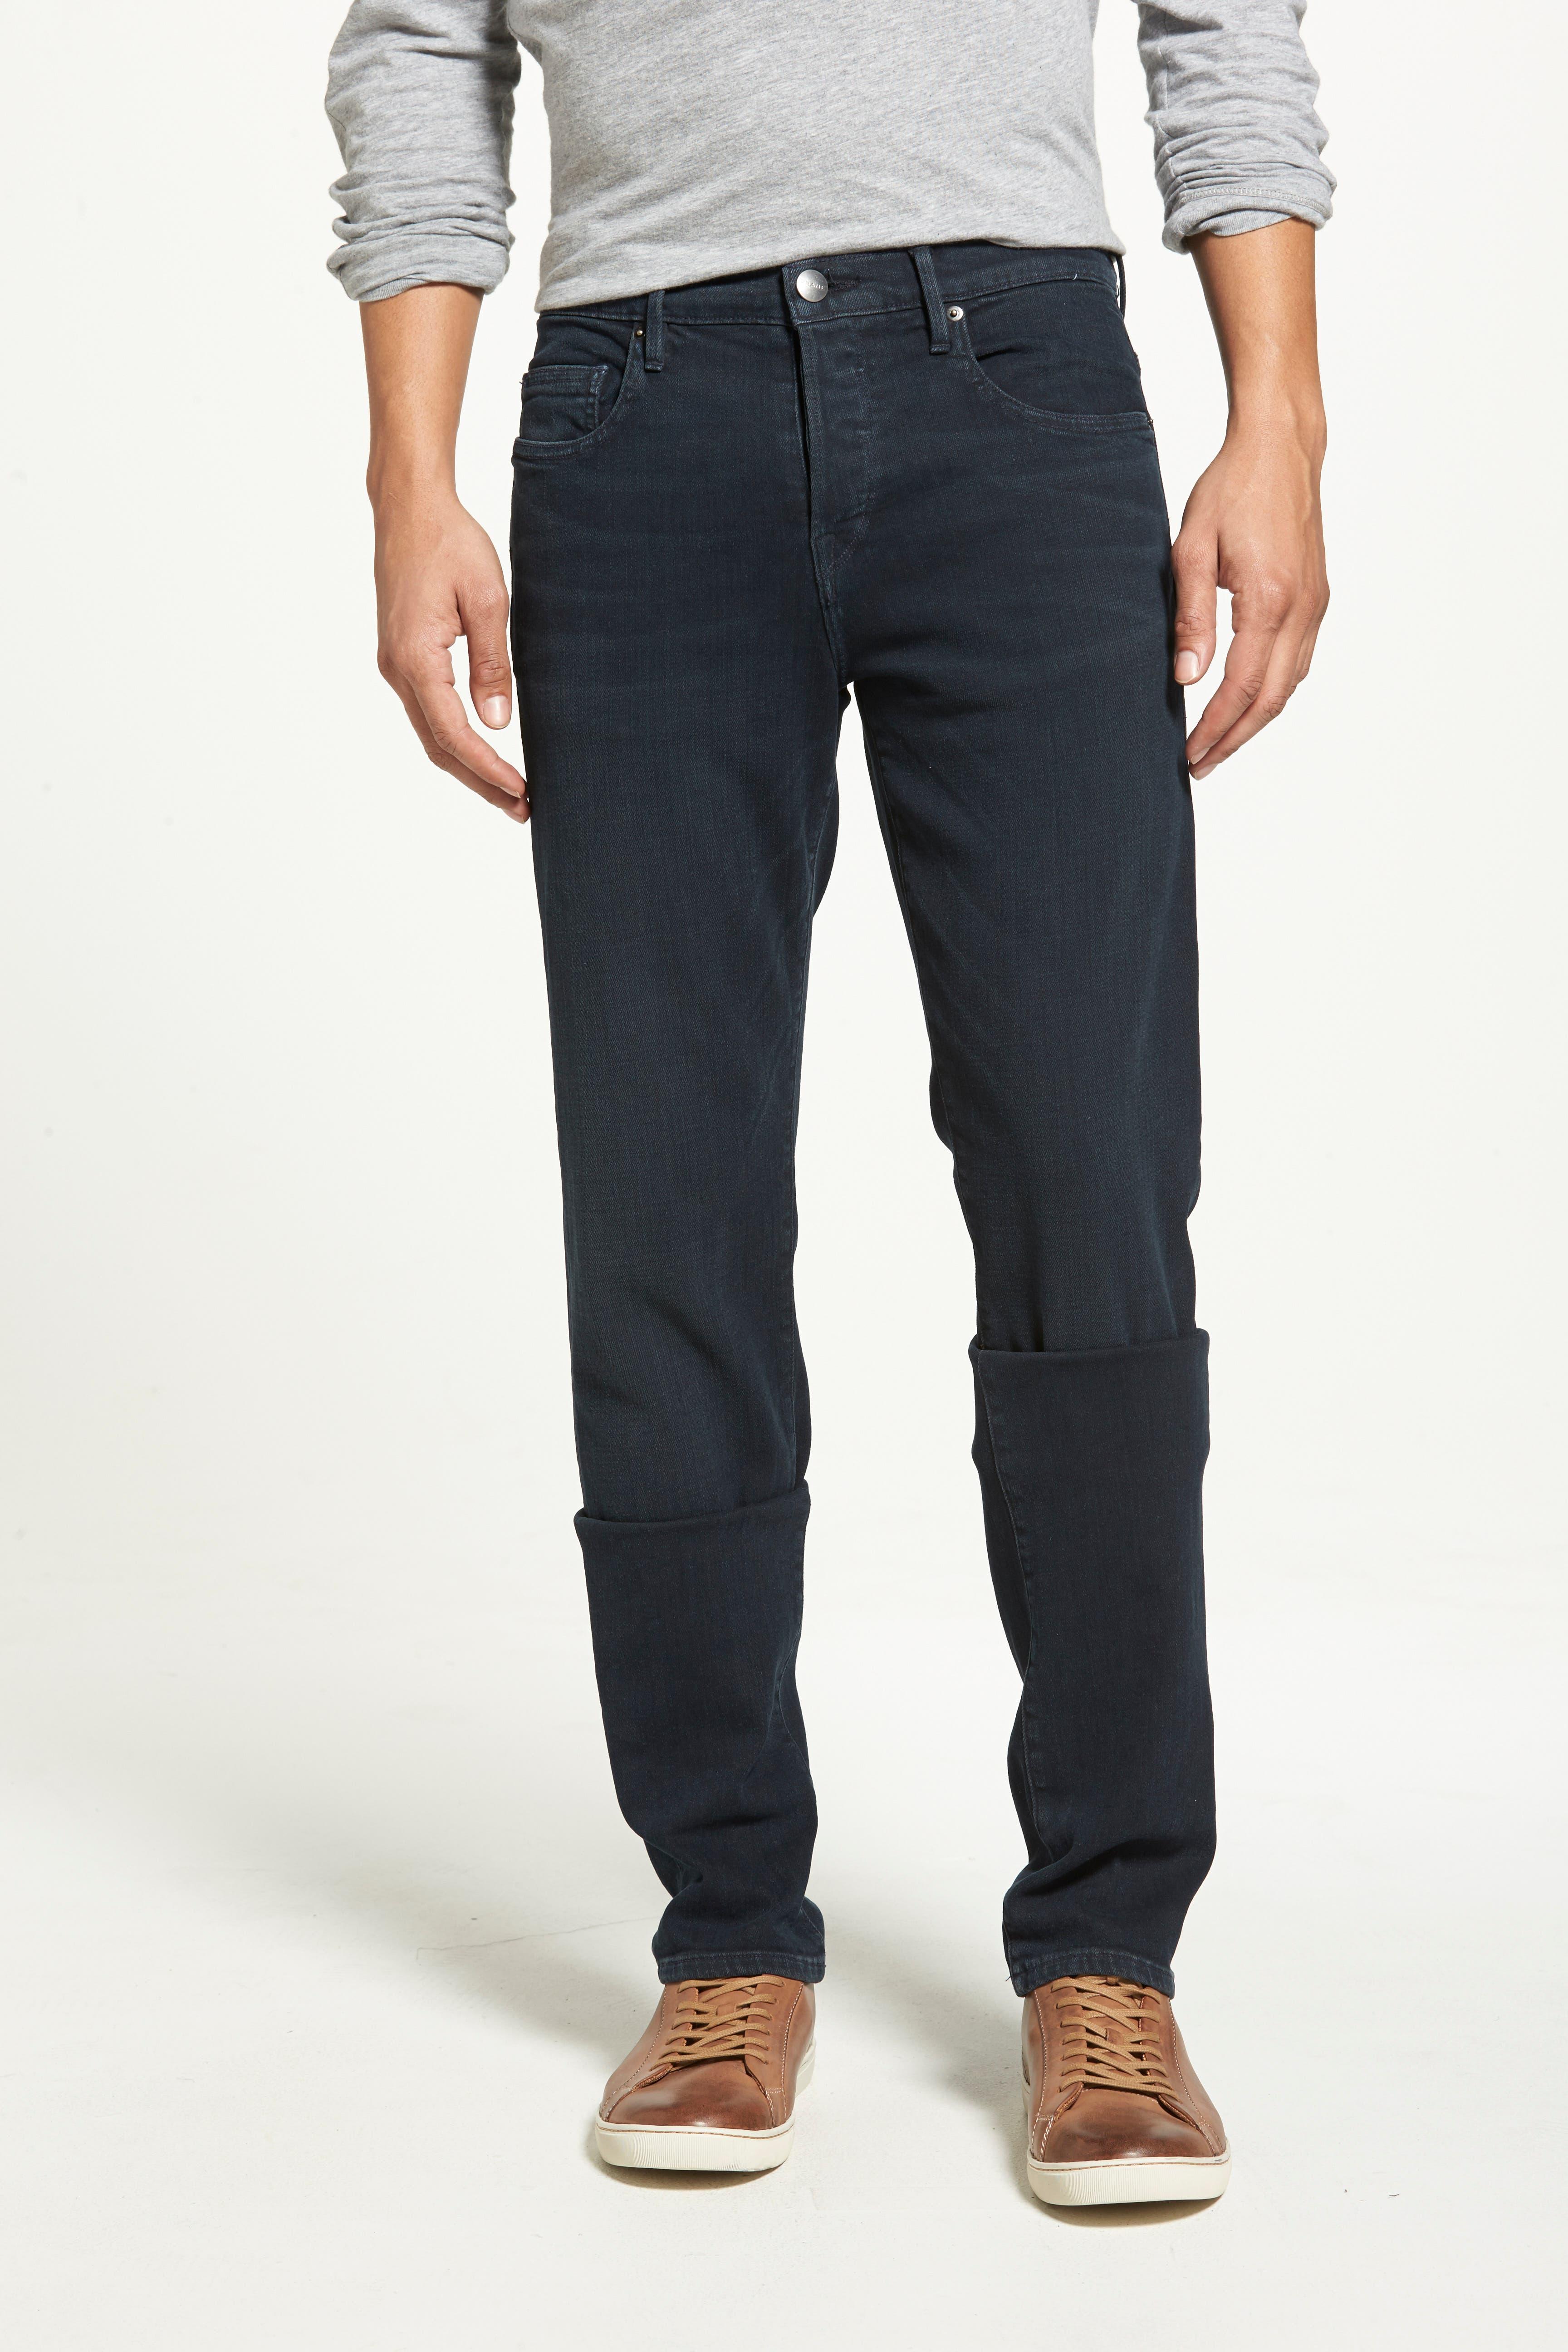 'L'Homme' Slim Fit Jeans,                             Alternate thumbnail 8, color,                             PLACID